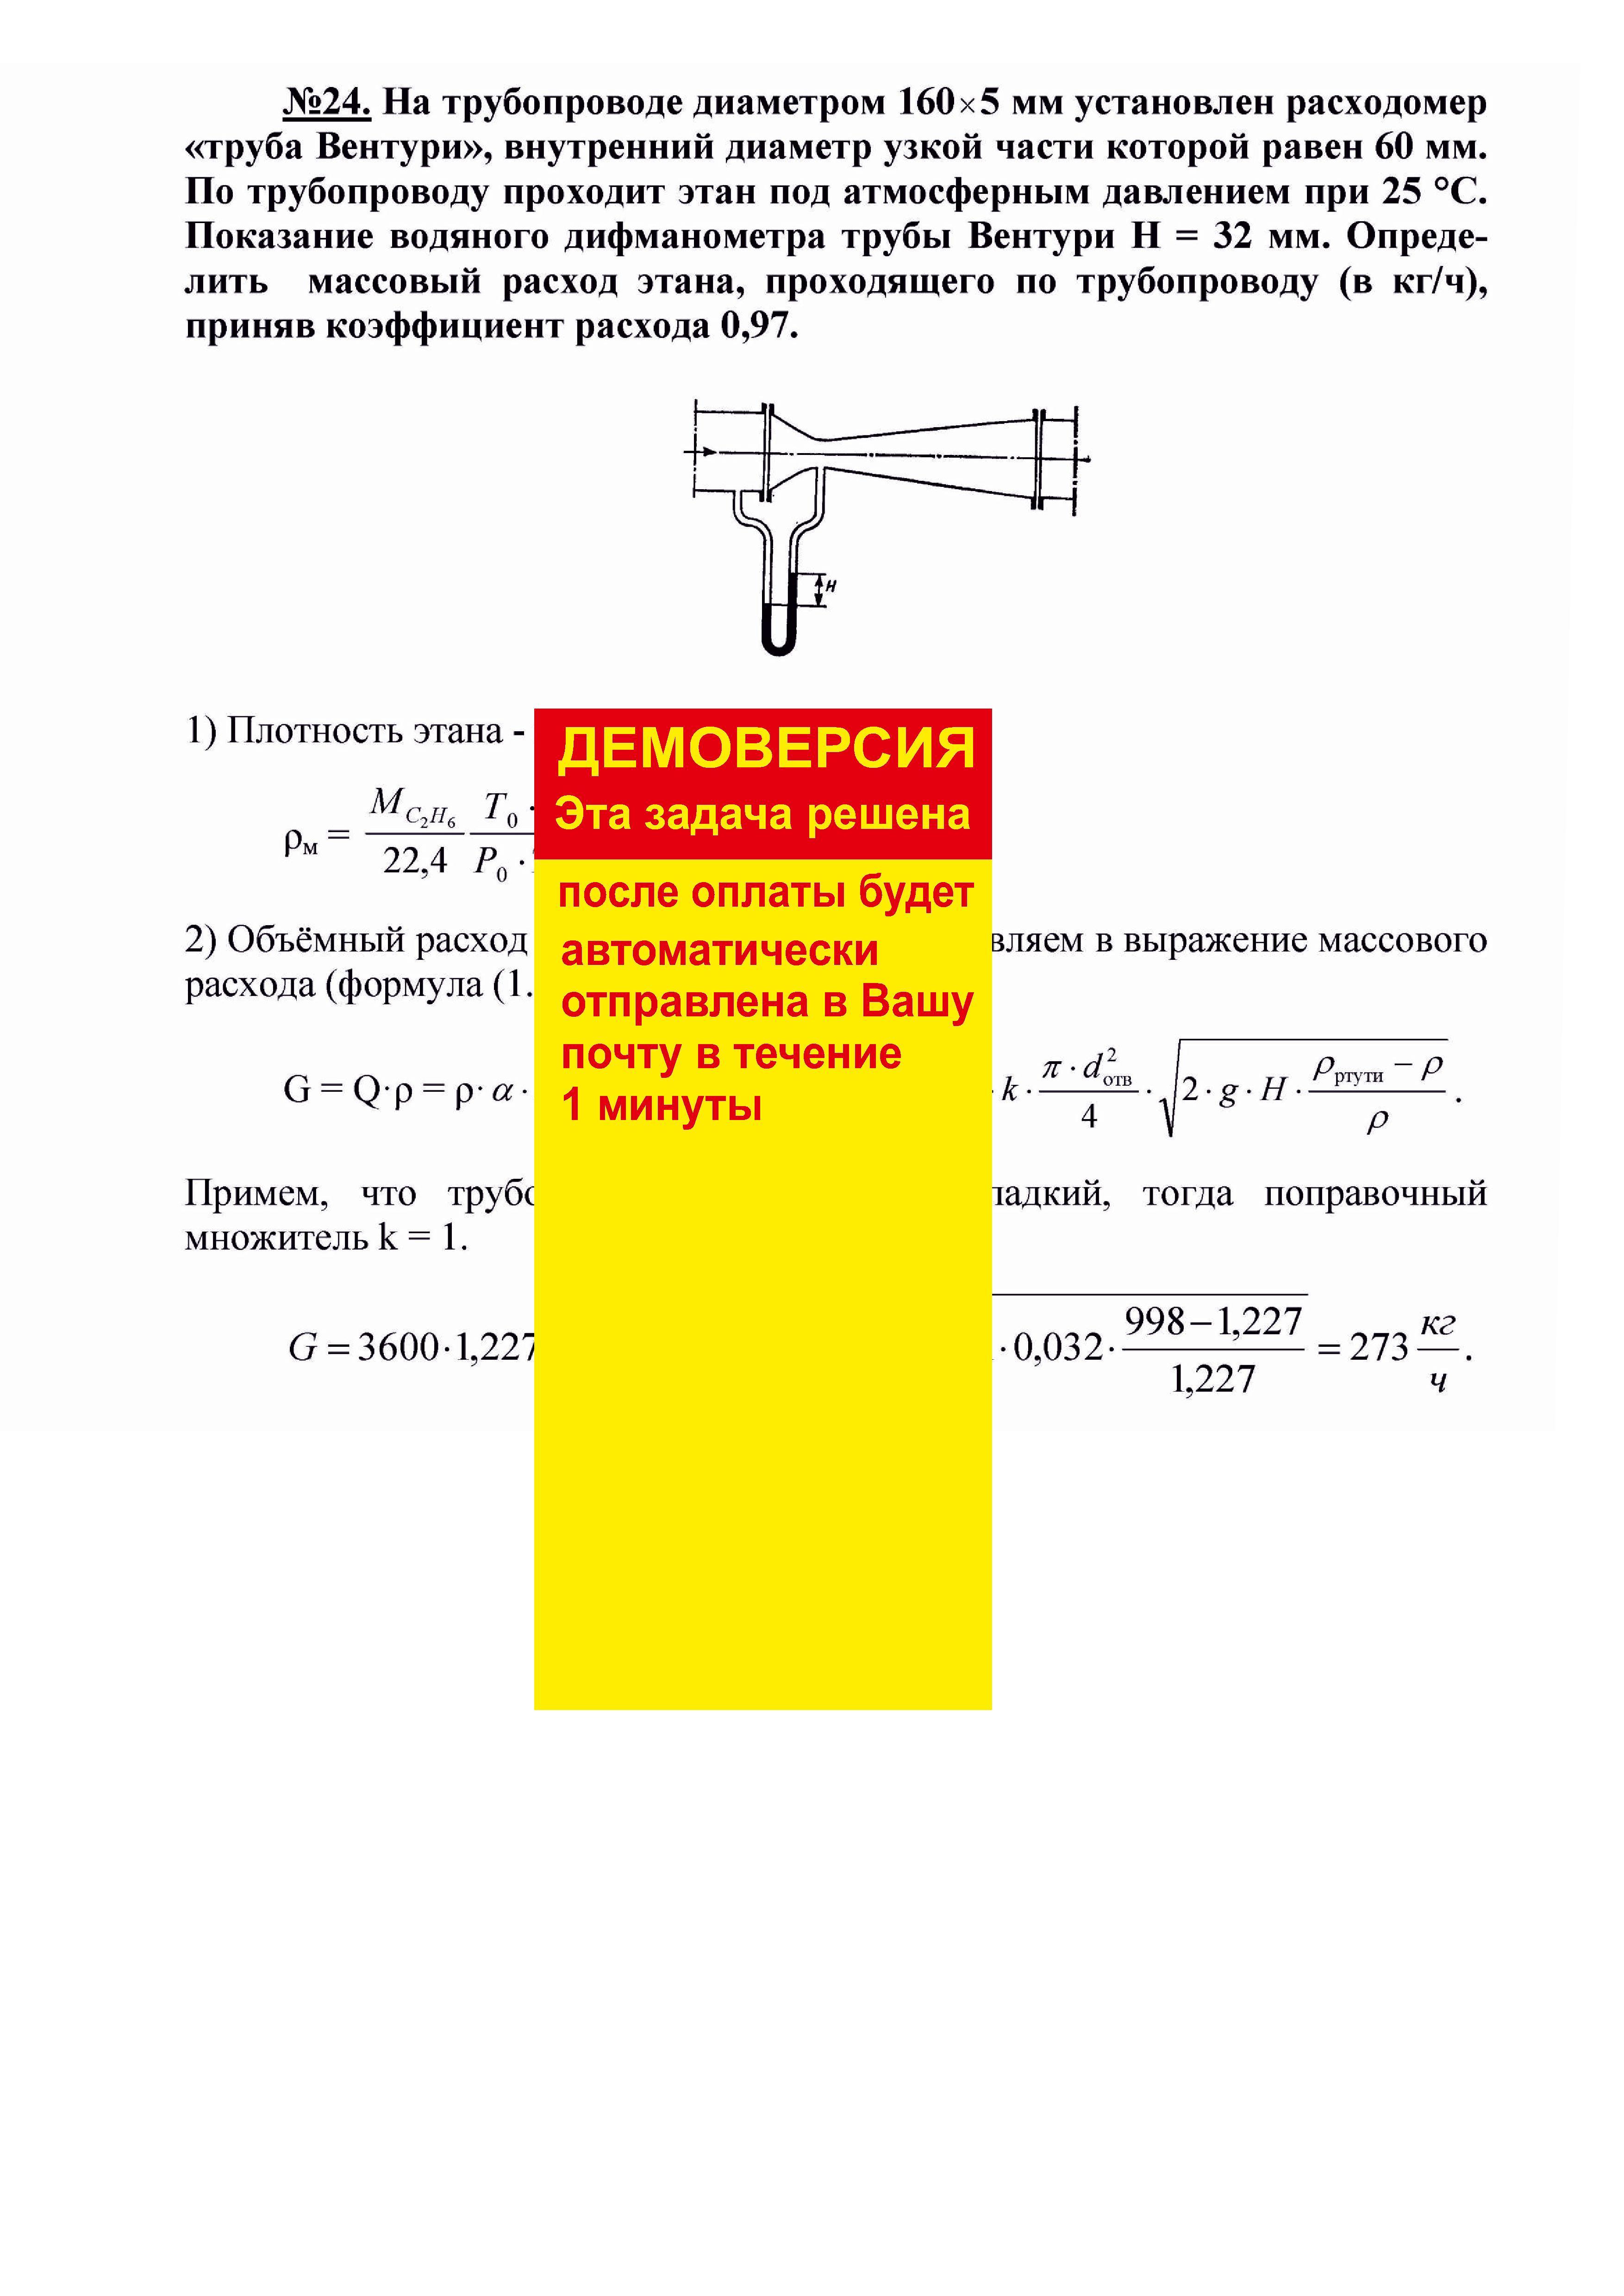 Решение задачи 1.24 по ПАХТ из задачника Павлова Романкова Носкова